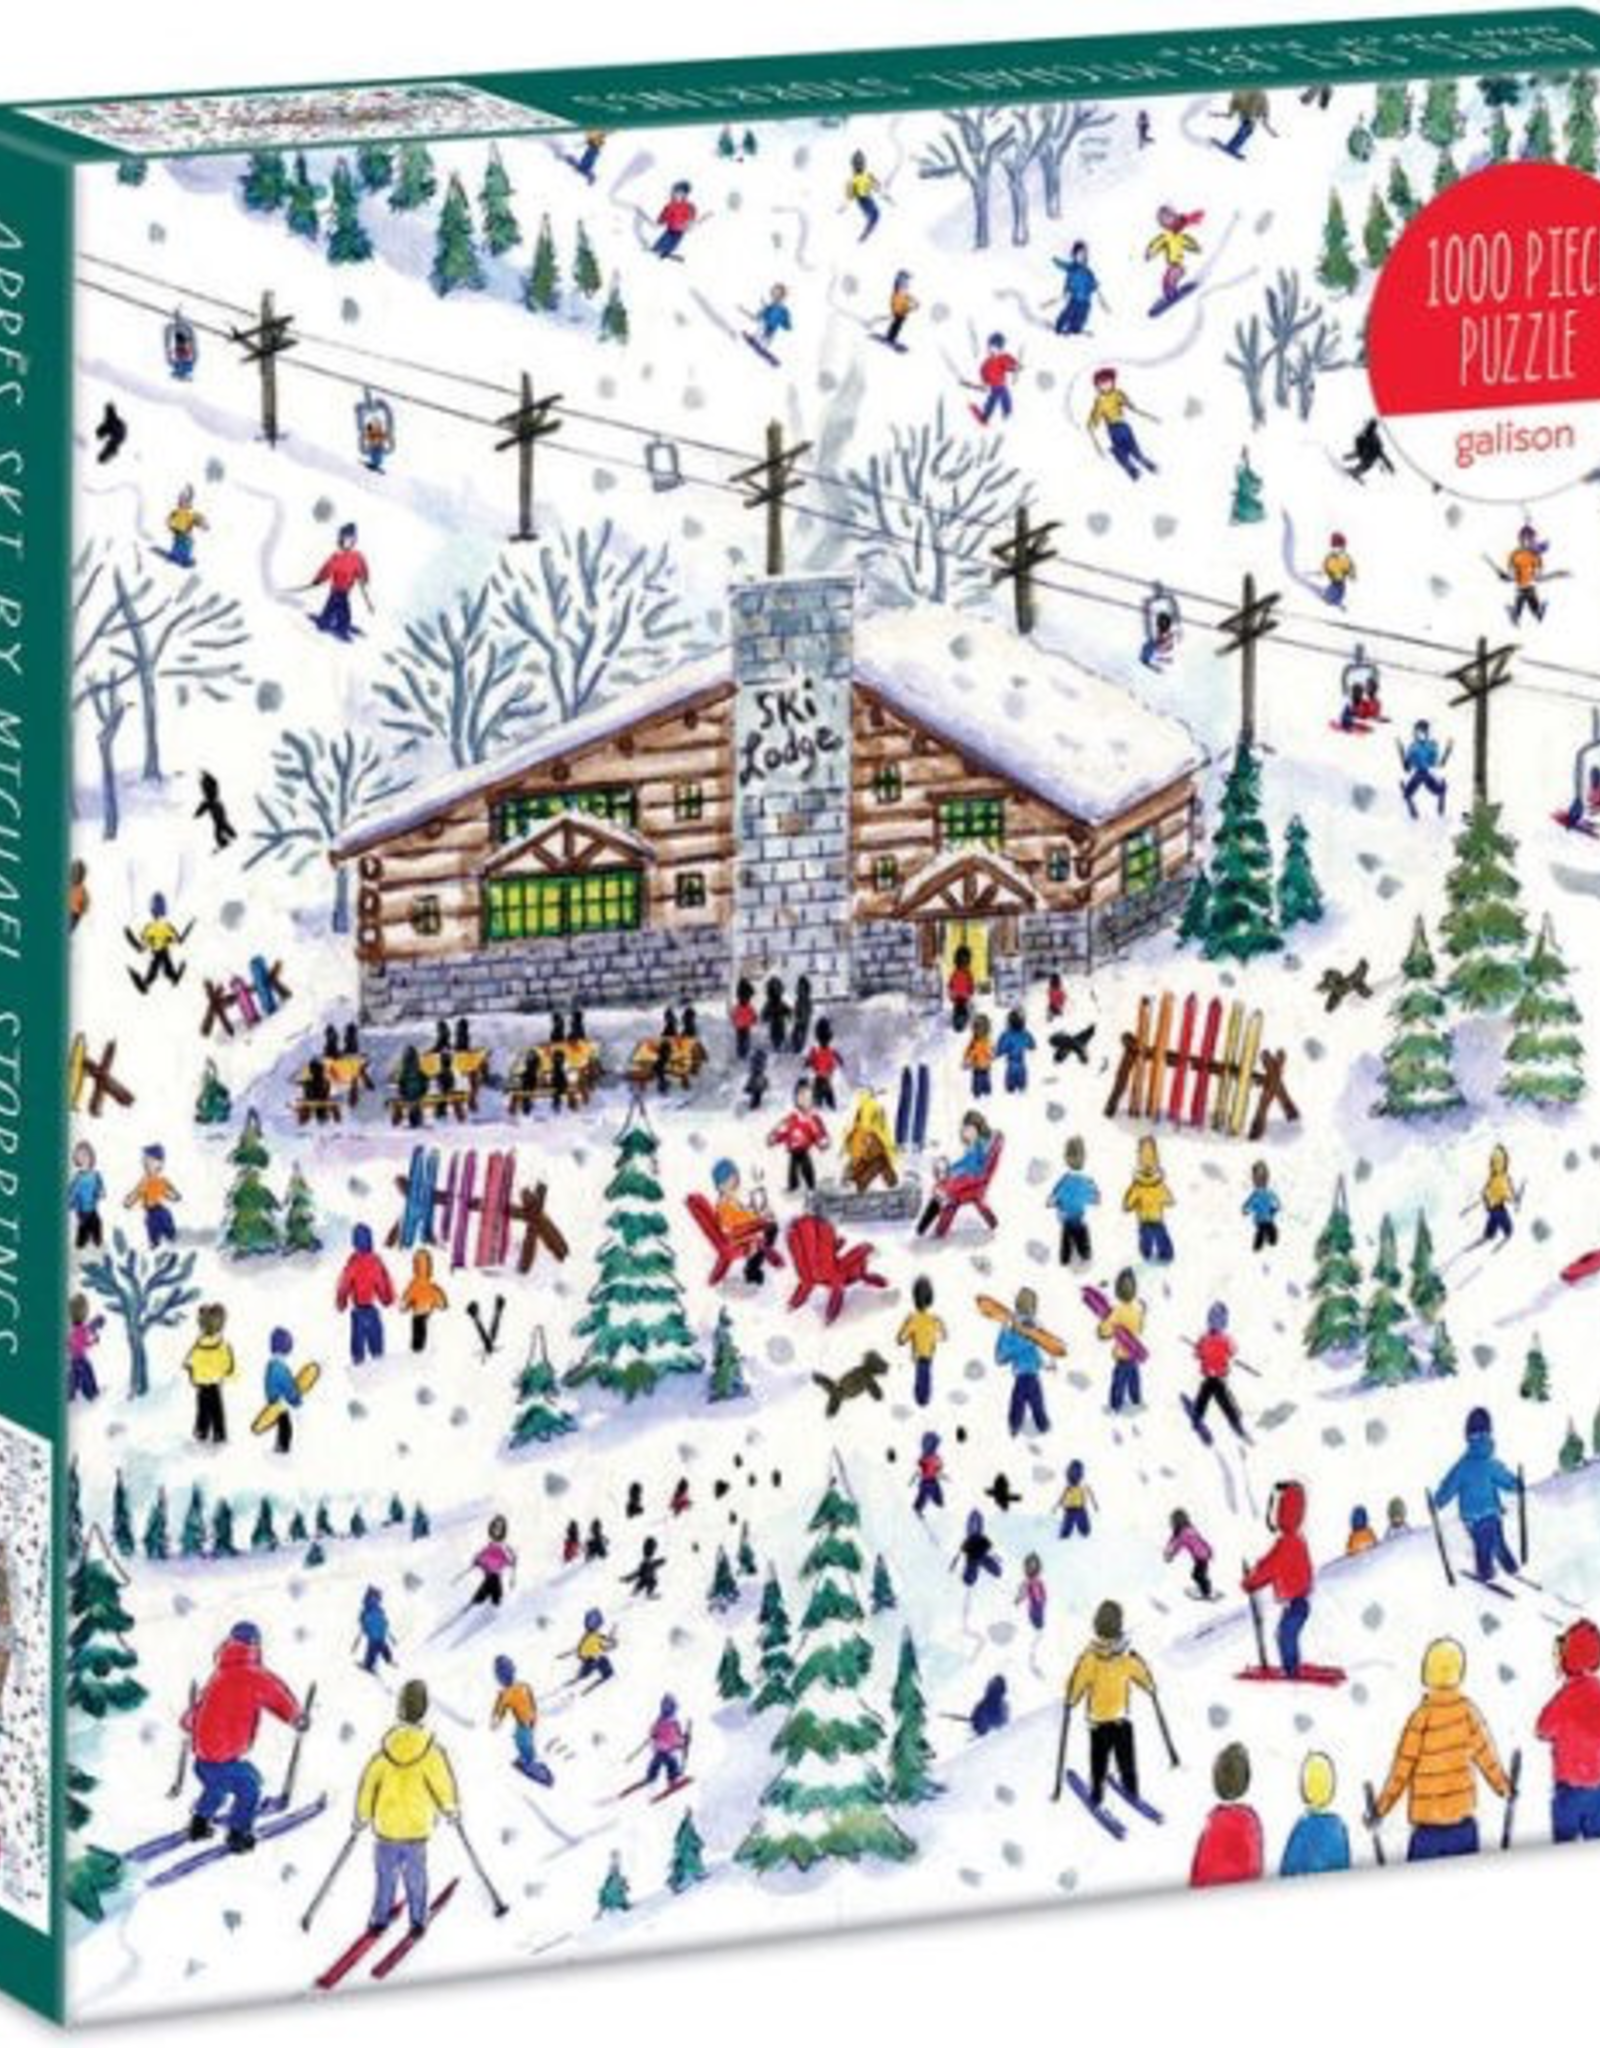 Apres Ski Puzzle